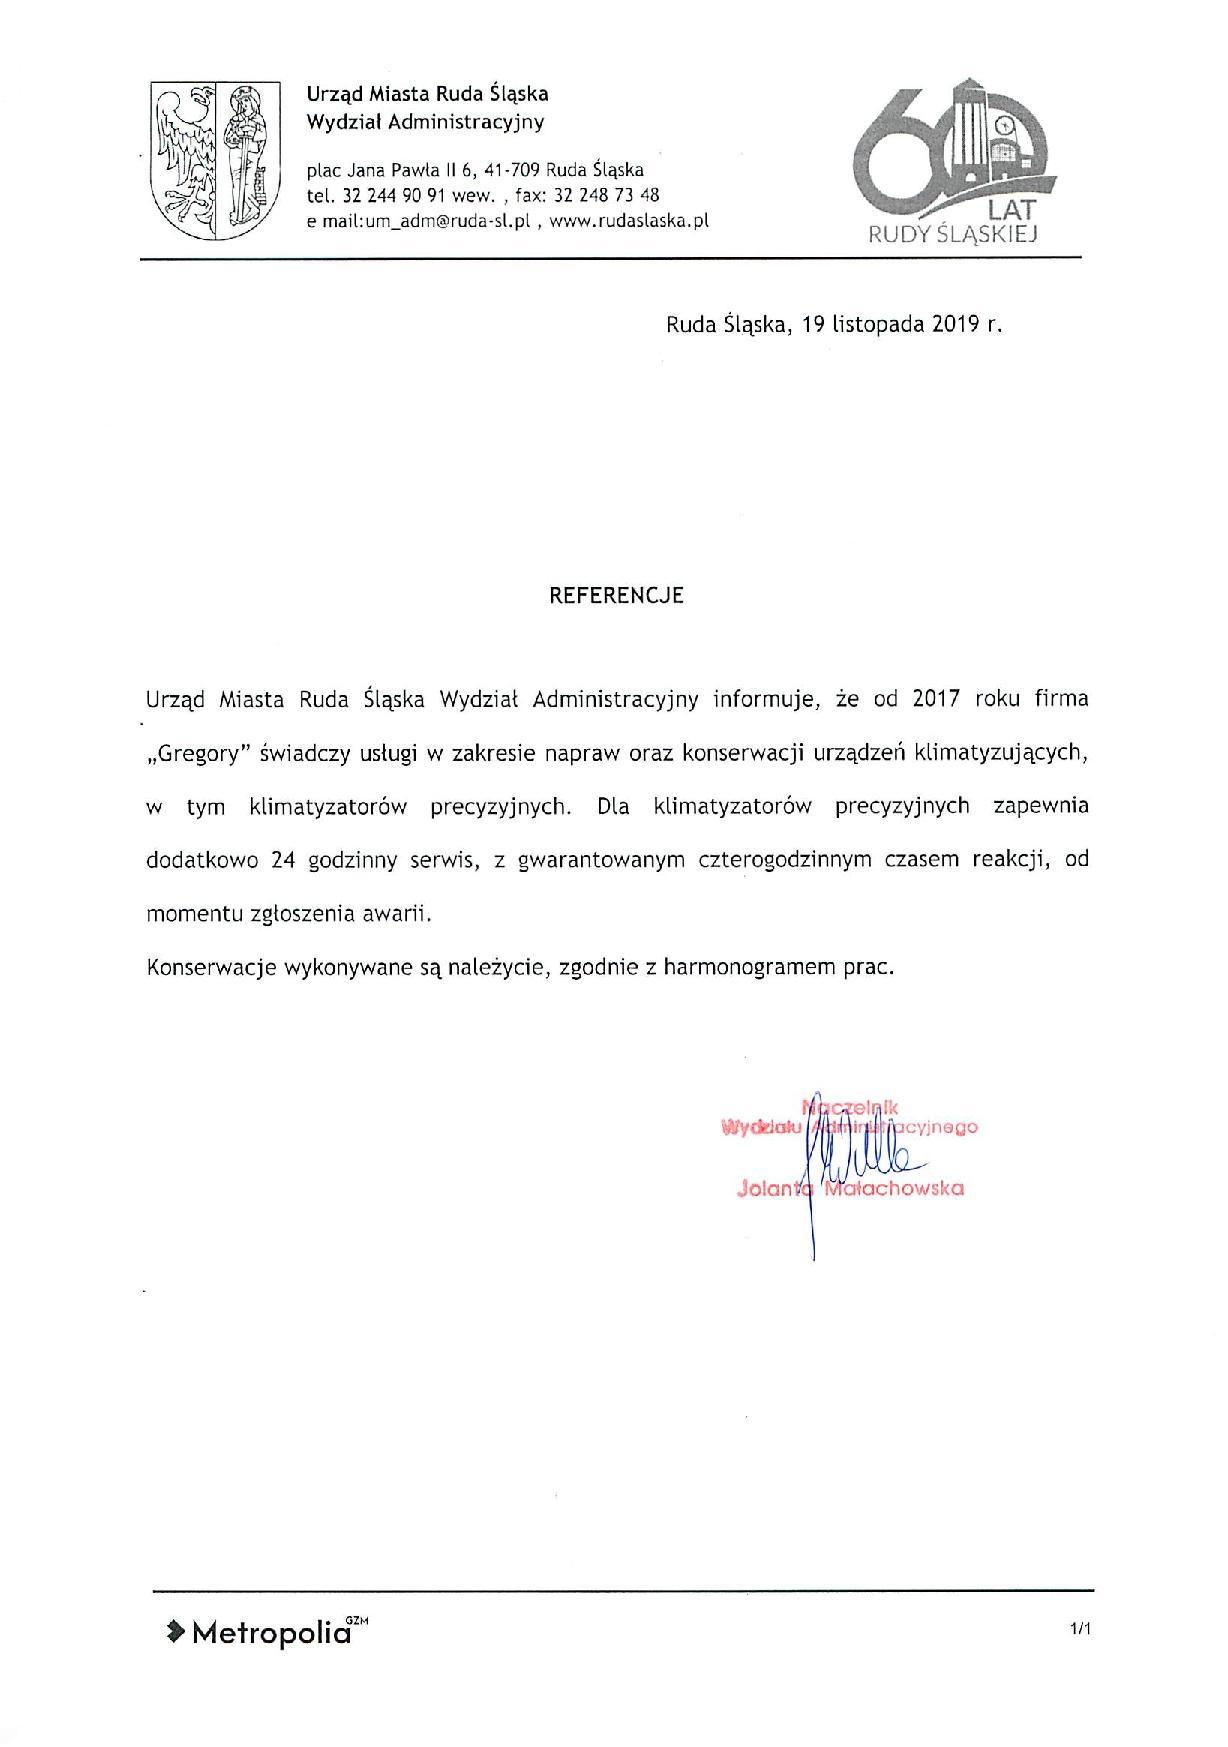 Urząd Miasta Ruda Śląska referencje